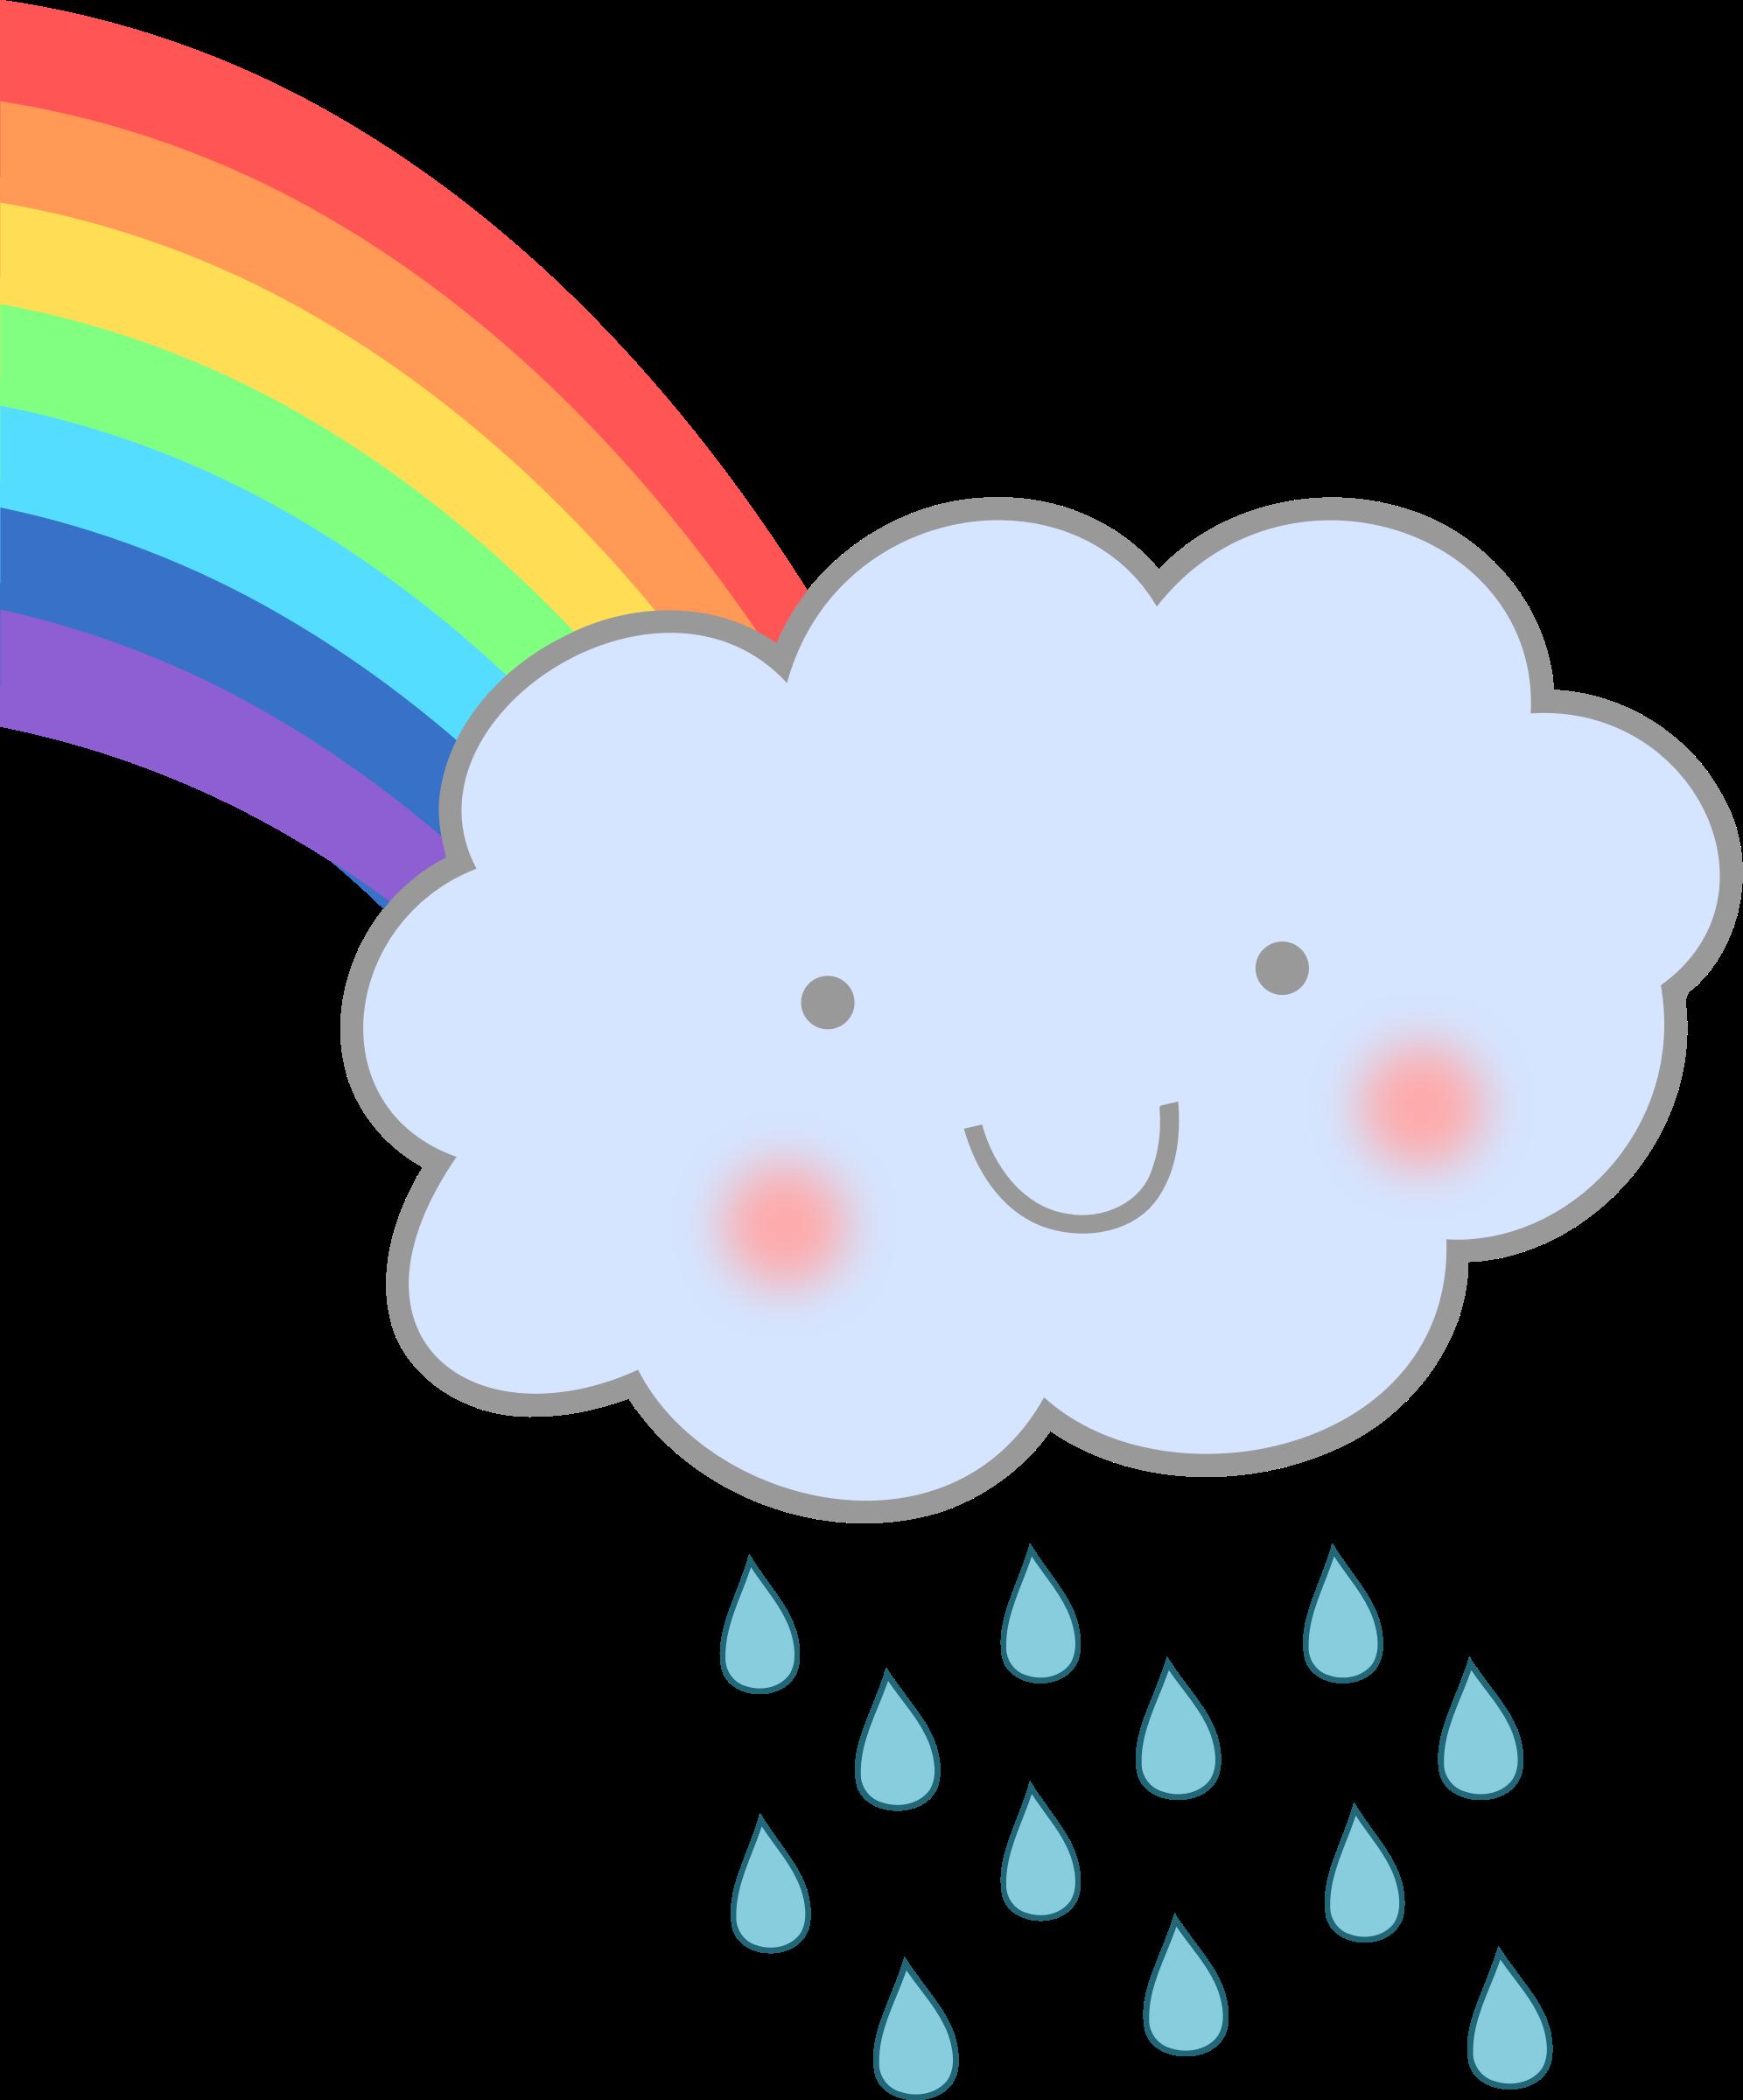 Cute cloud with icons. Clipart rainbow rain